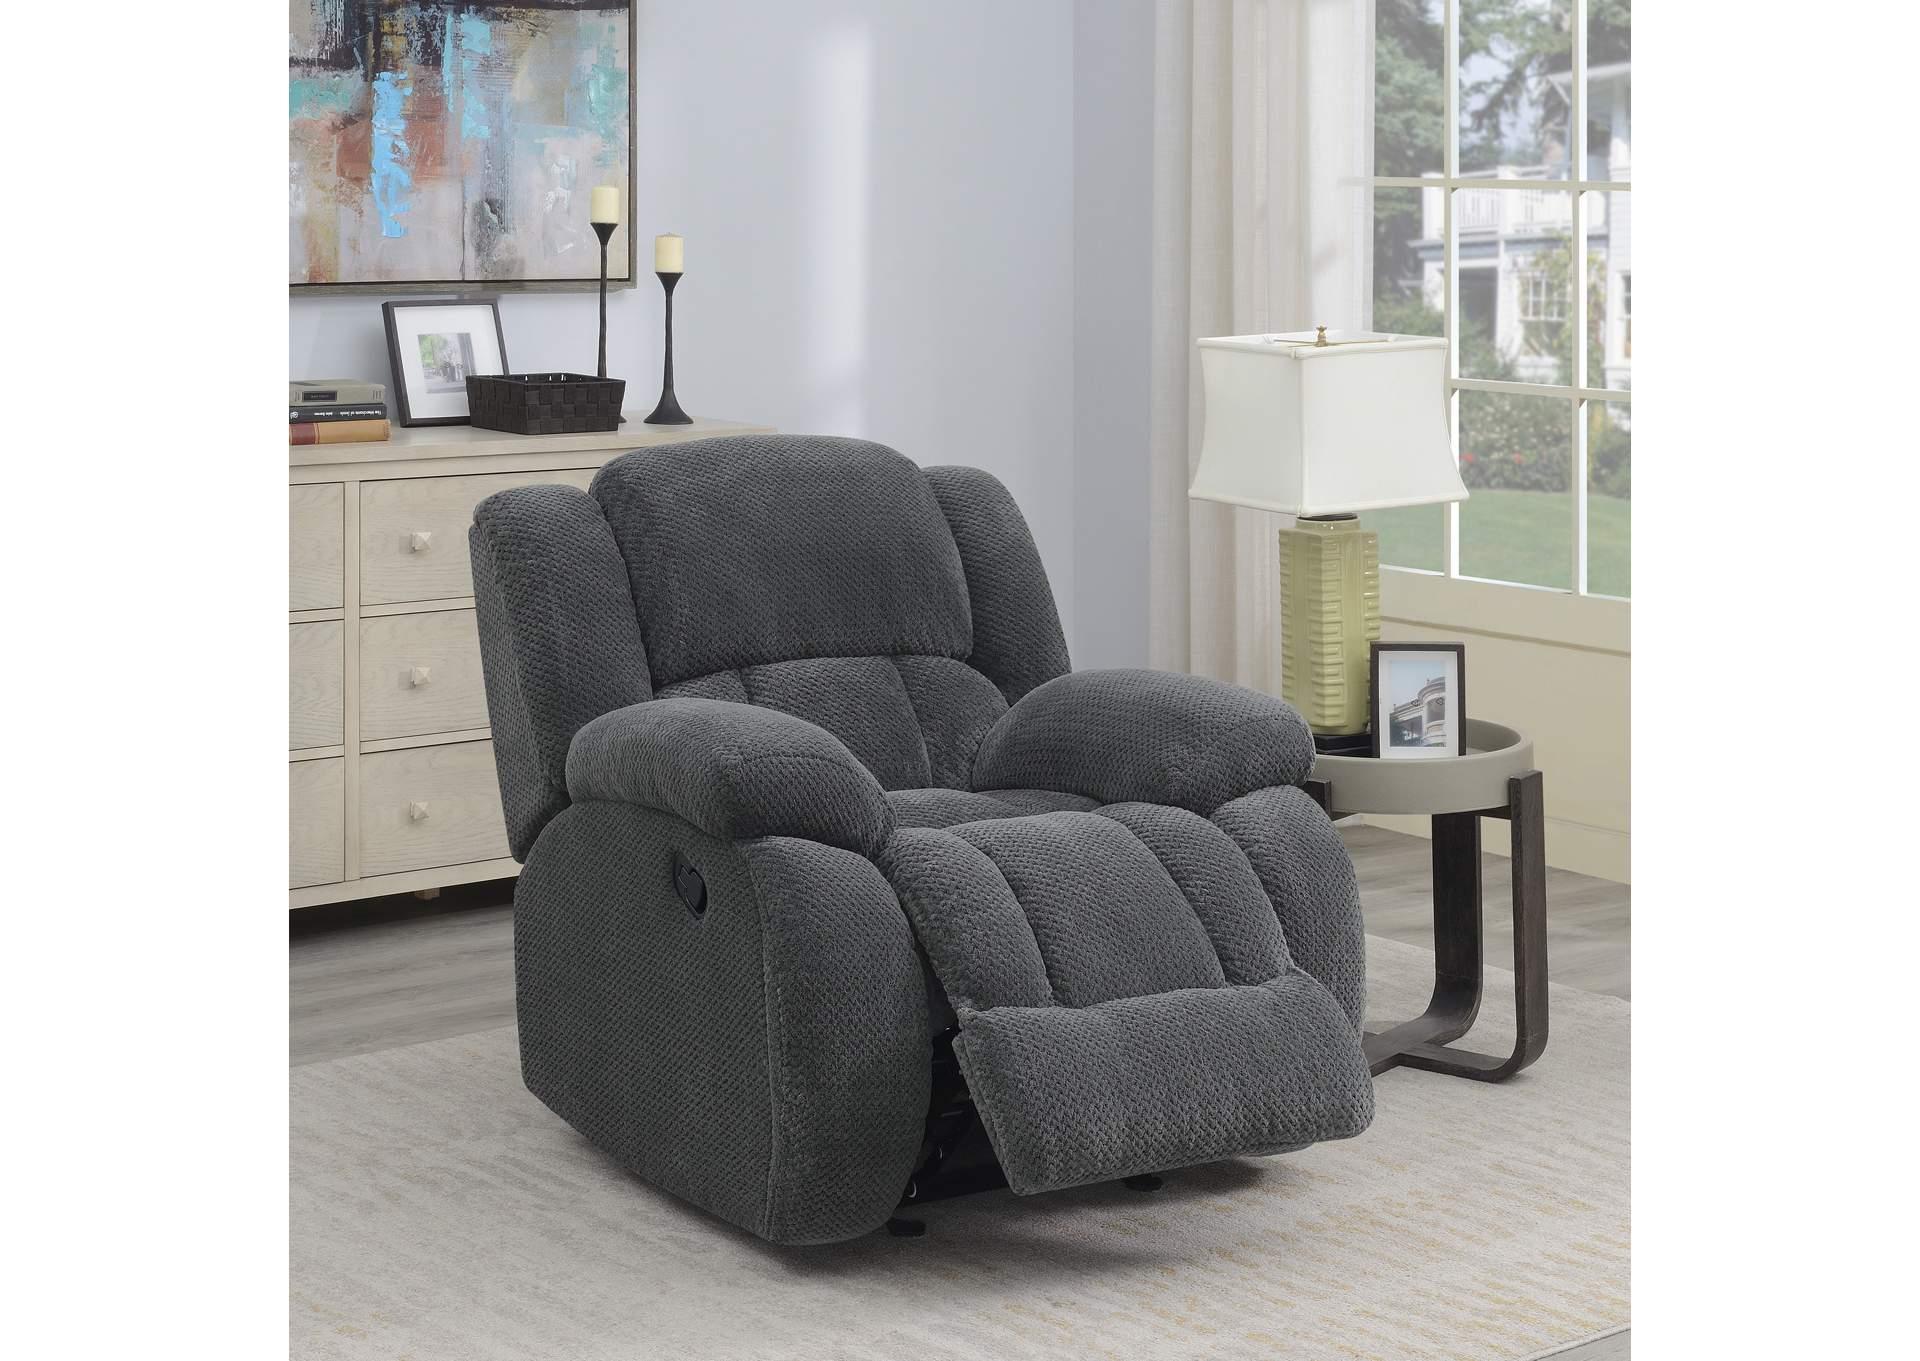 Remarkable Fine Living Furniture Weissman Grey Glider Recliner Machost Co Dining Chair Design Ideas Machostcouk